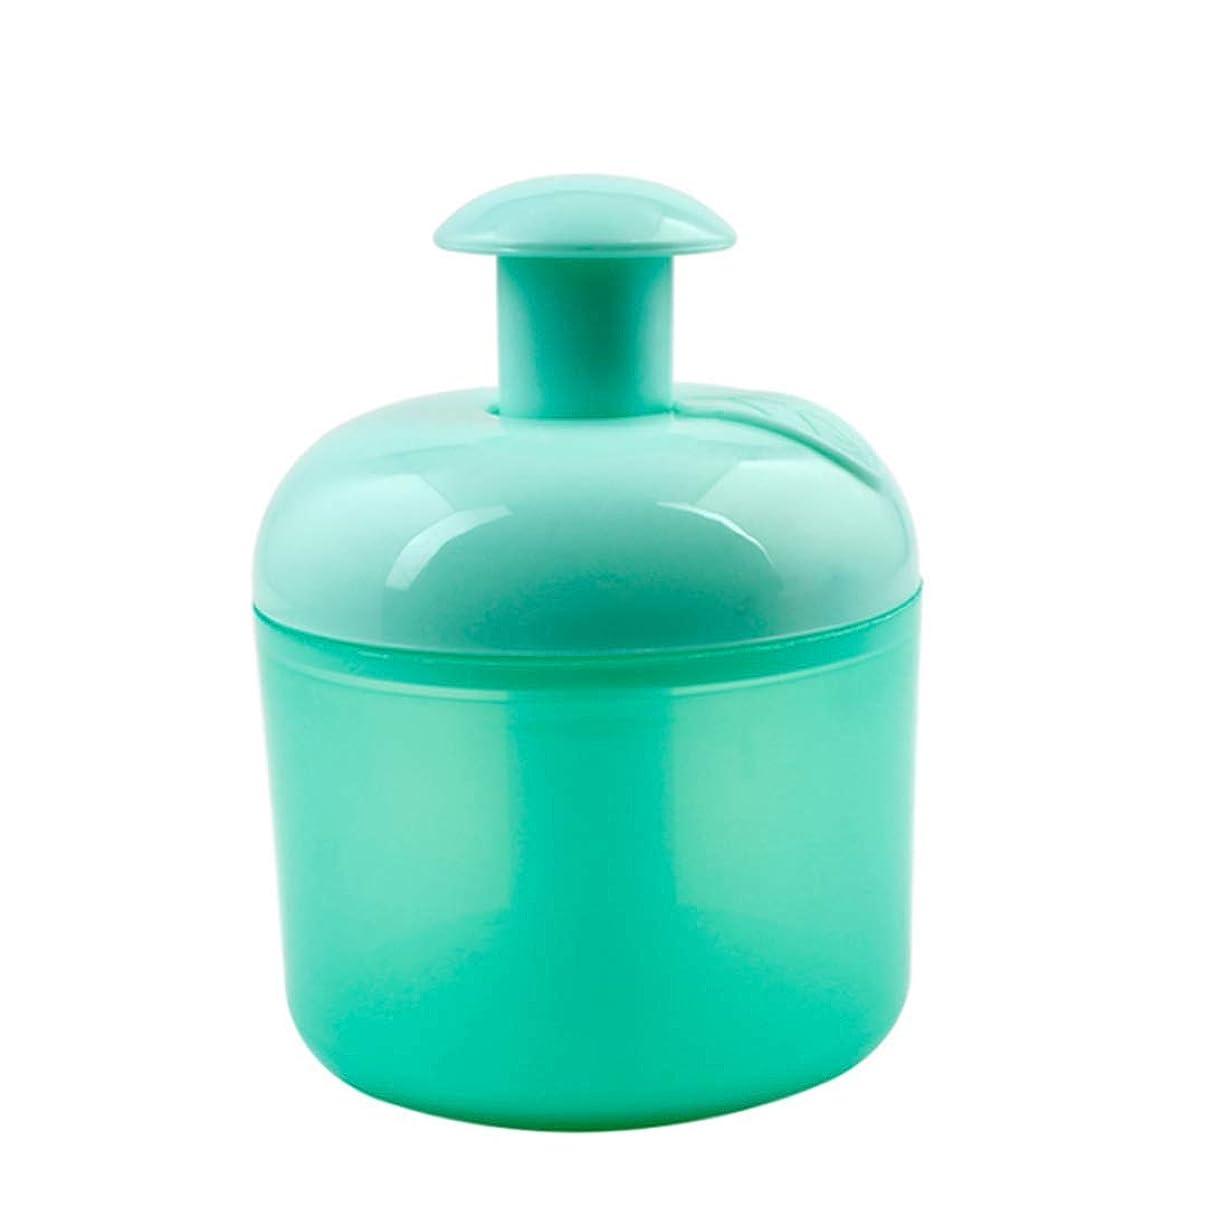 行政津波委員長マイクロバブルフォーマー 洗顔泡立て器 洗顔ネット YOKELLMUX マイクロホイッパー 7倍の濃厚なバブル 洗顔用 (グリーン)